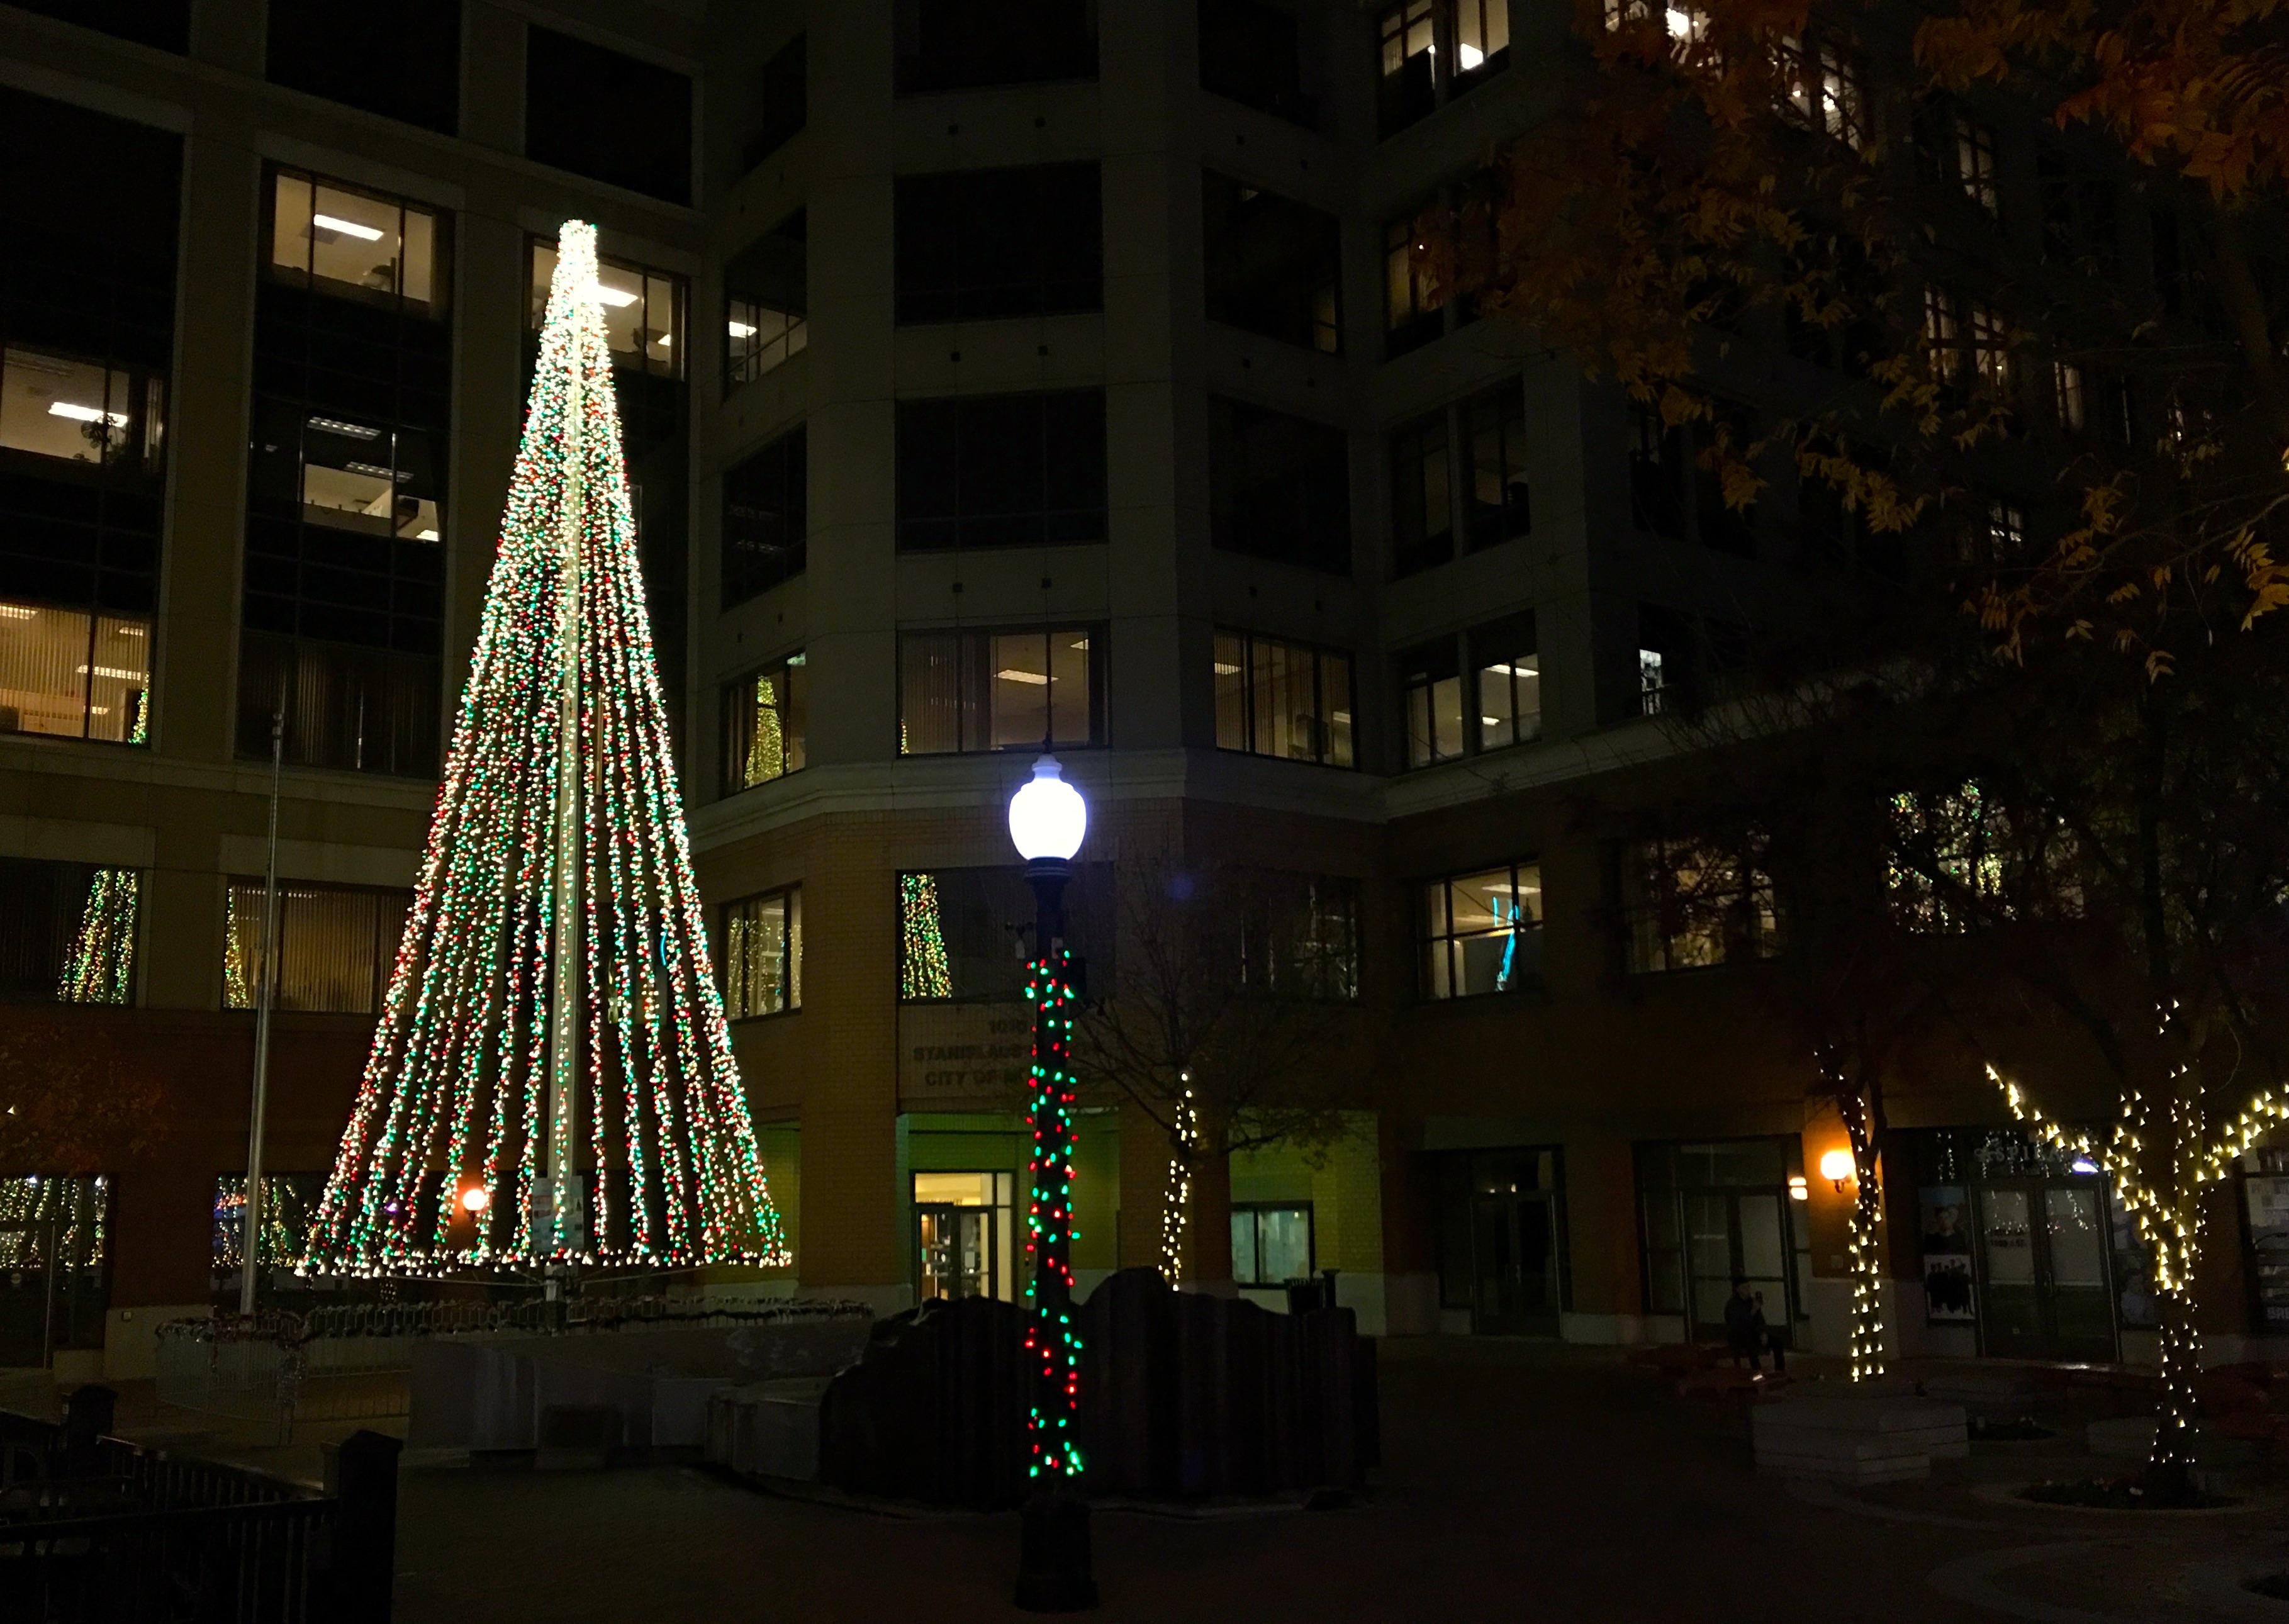 holidayview - Christmas Tree Lane Modesto Ca